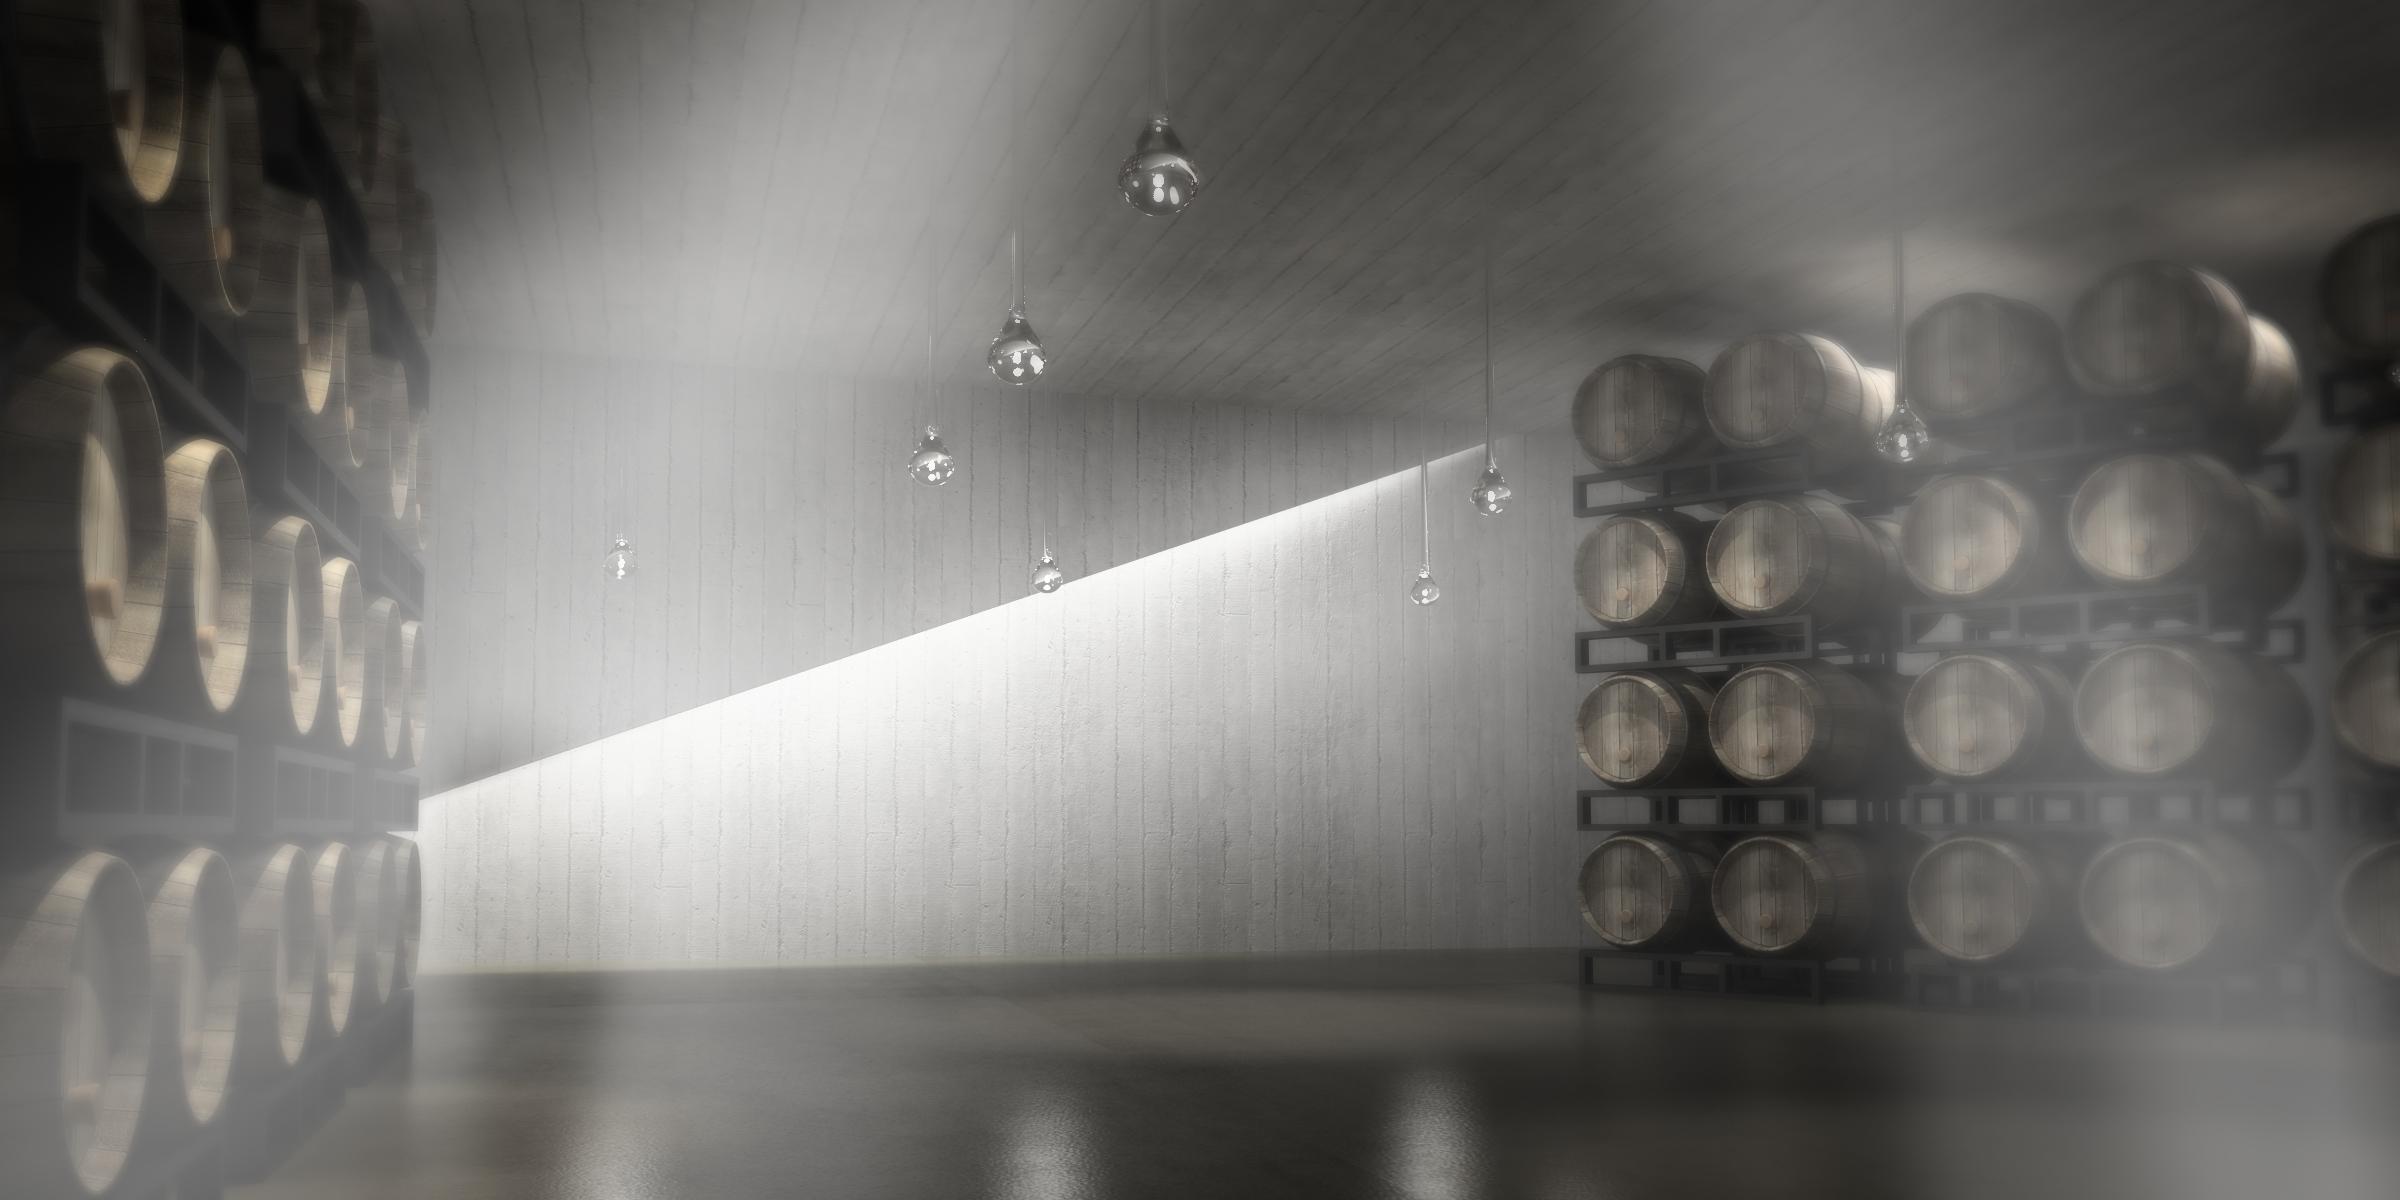 Pearl Morrisette Winery - Interior Cellar Vineyard Barrels